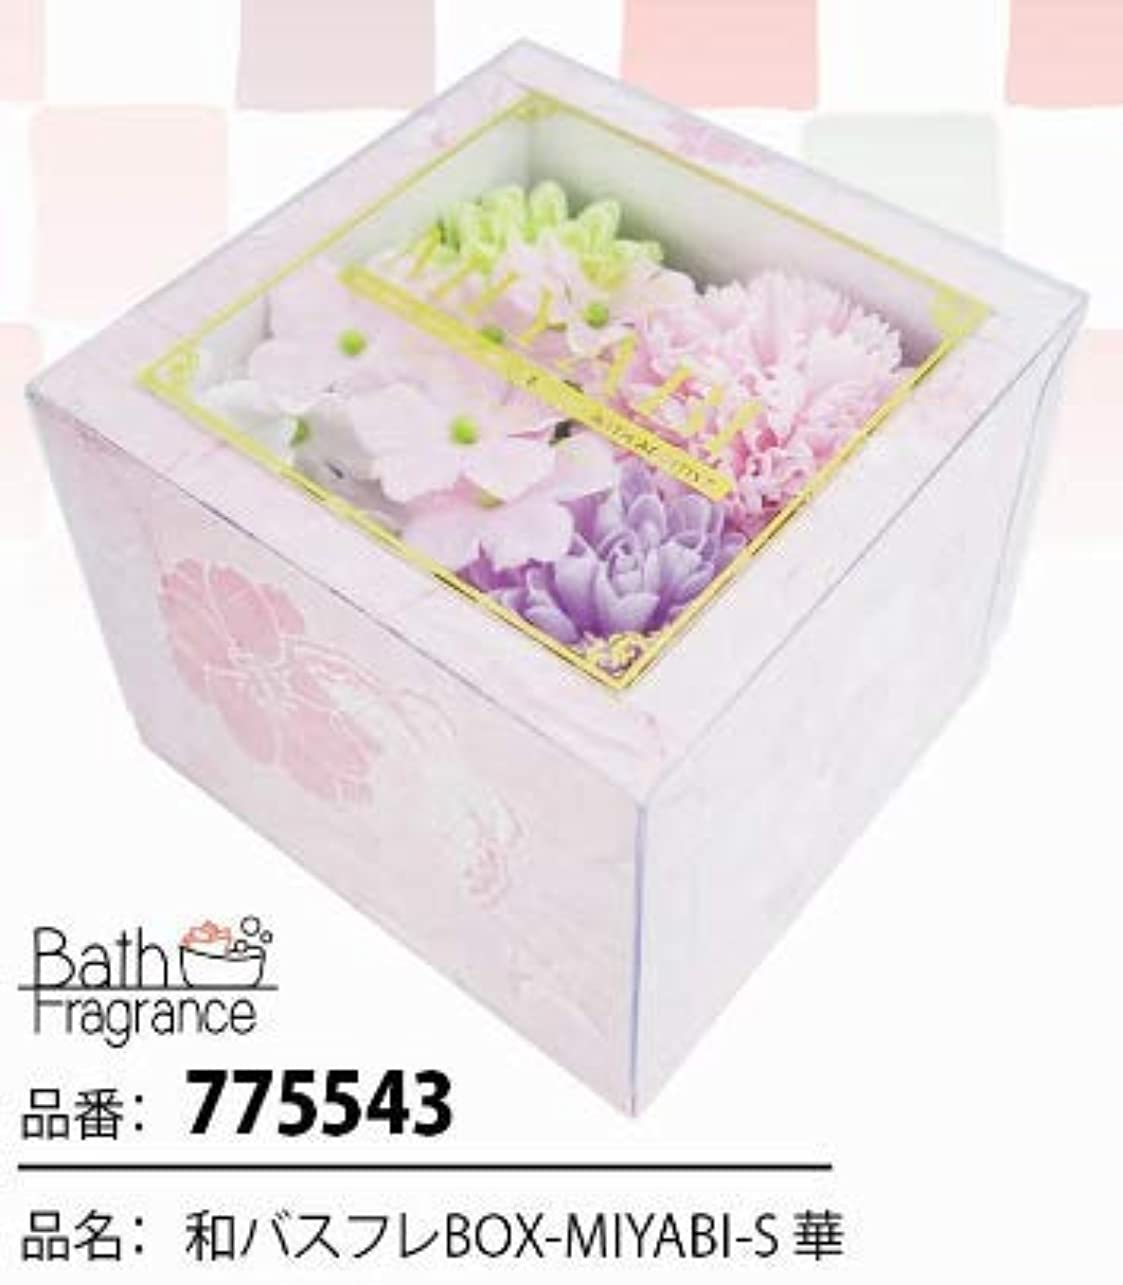 美徳またはどちらか呼び出す花のカタチの入浴剤 和バスフレBOX-MIYABI-S華 775543